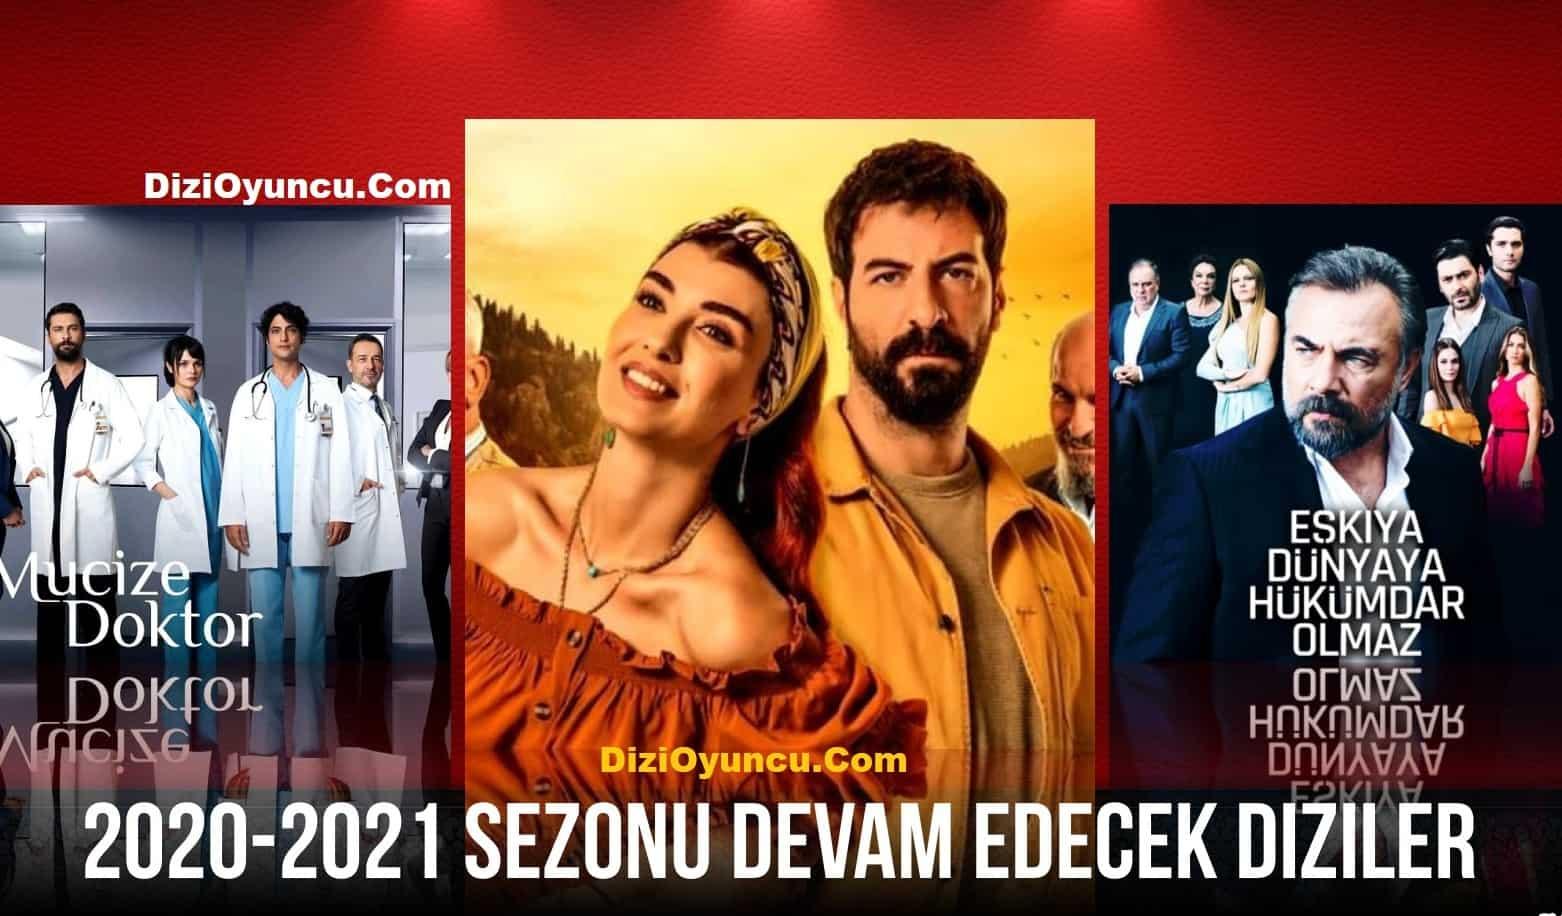 2020-2021 Sezonu Devam Etmesi kesinleşen diziler